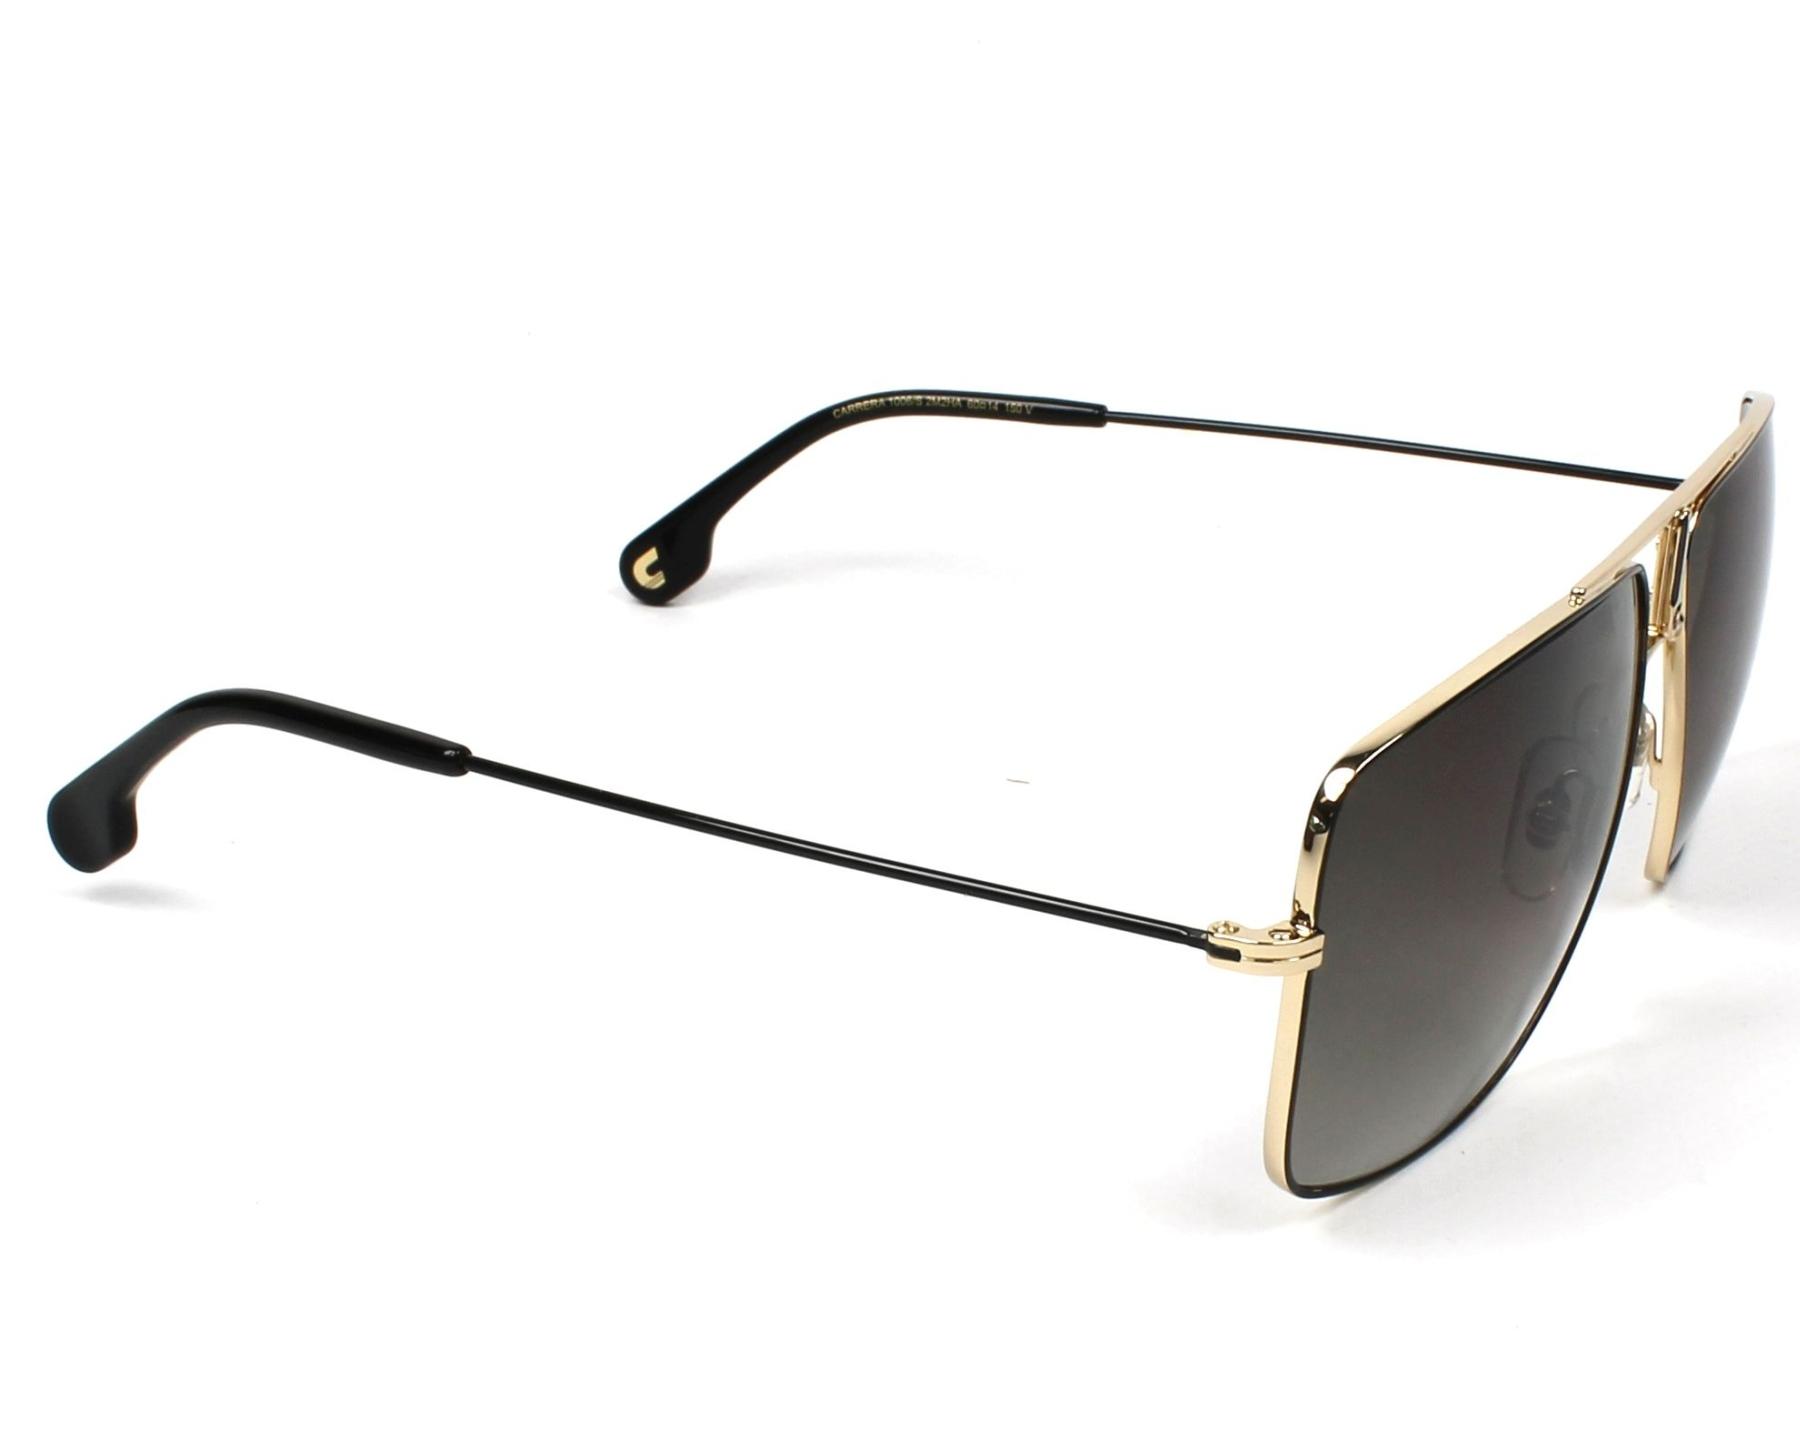 f04dfca25ae678 Sunglasses Carrera 1006-S 2M2 HA 60-14 Black Gold side view